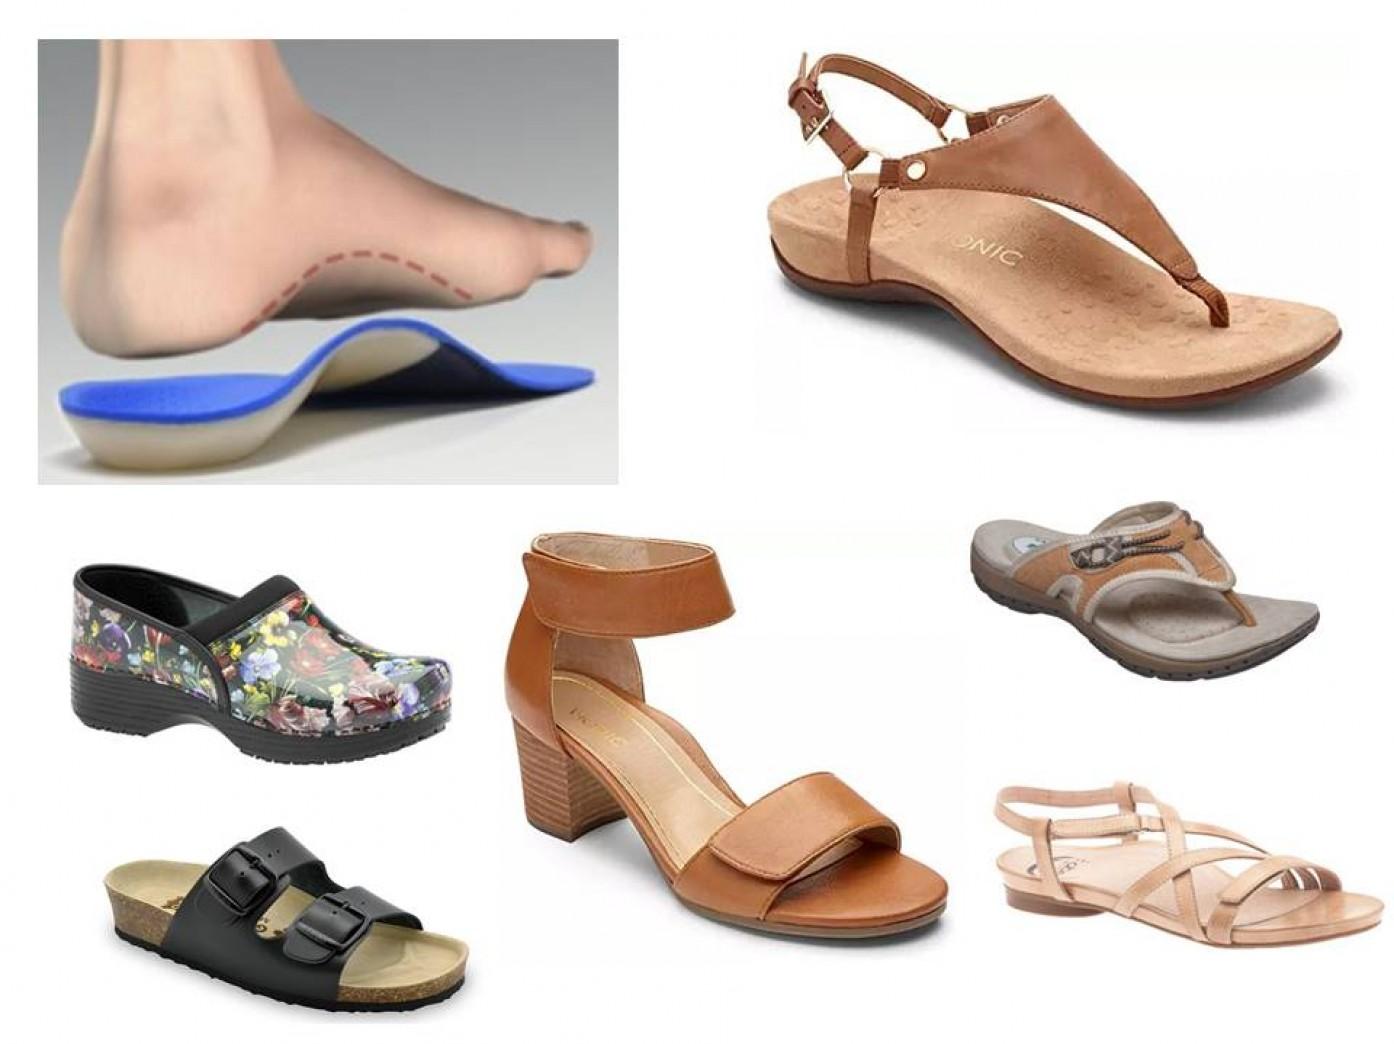 e340268655b8 Moderní a stylové letní boty s podporou klenby pro ploché nohy